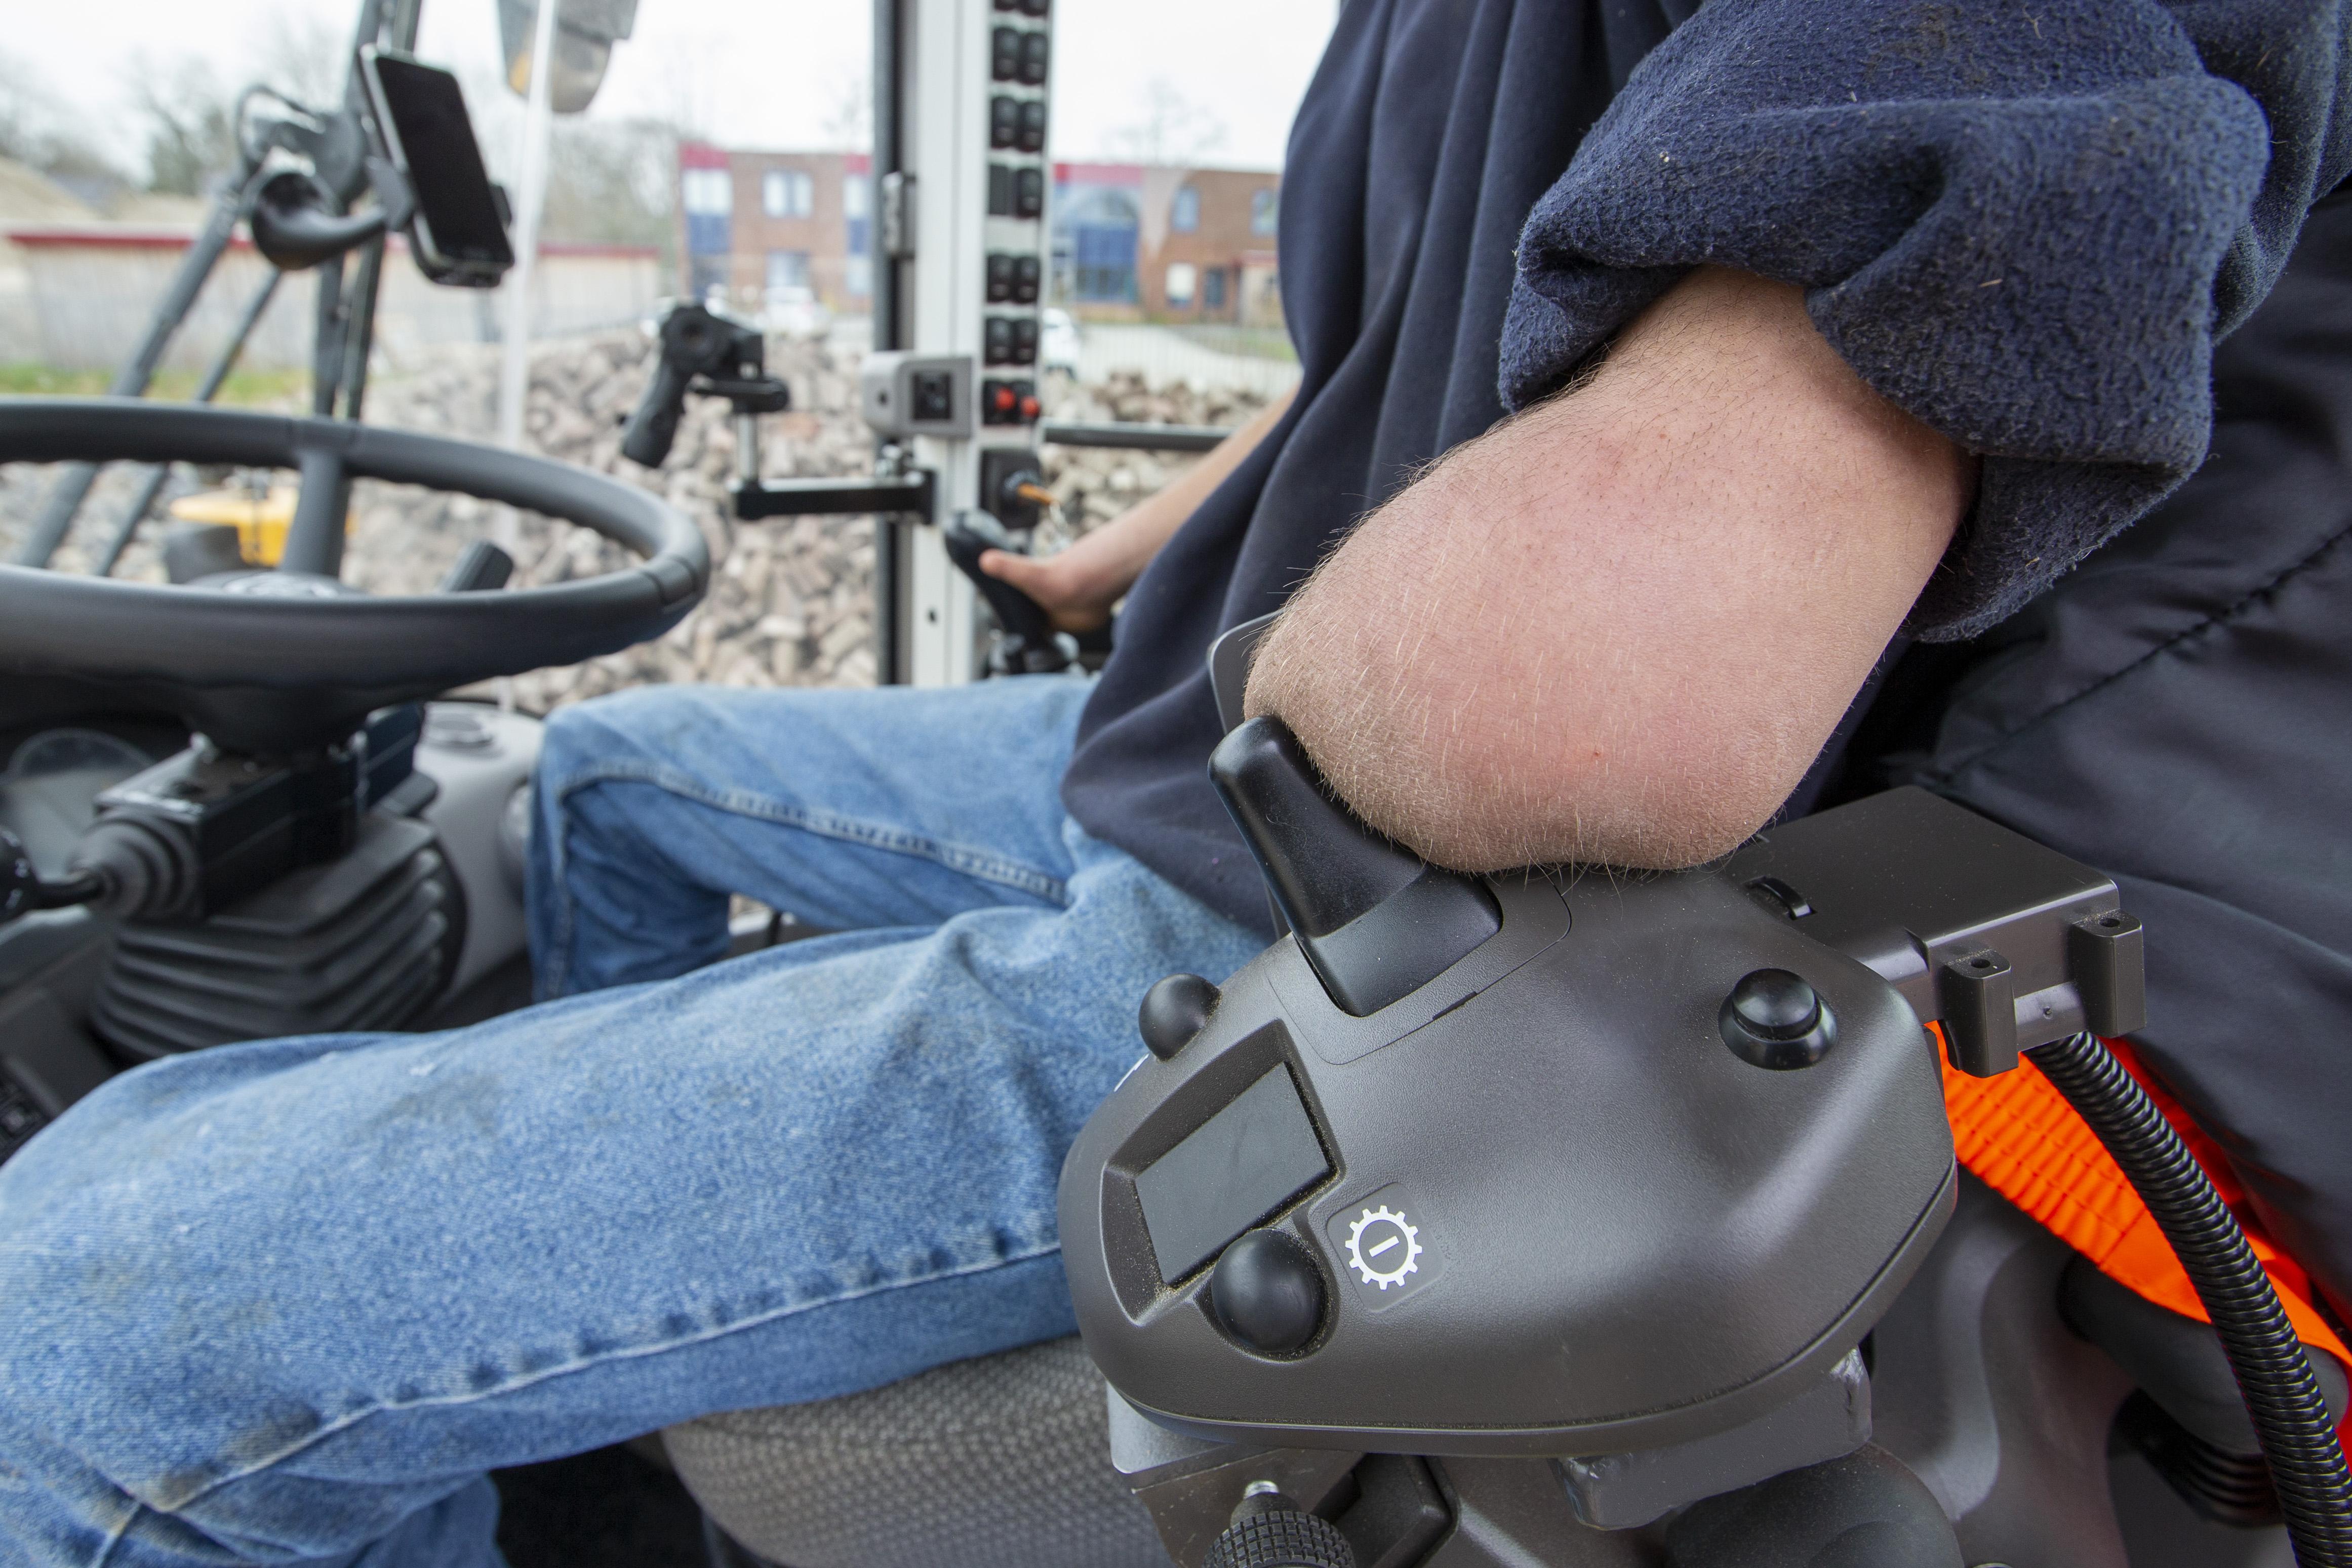 <p>Op de linkerarmconsole is een knop gemaakt, waarmee Jens voor- of achteruitrijden kan inschakelen. </p>